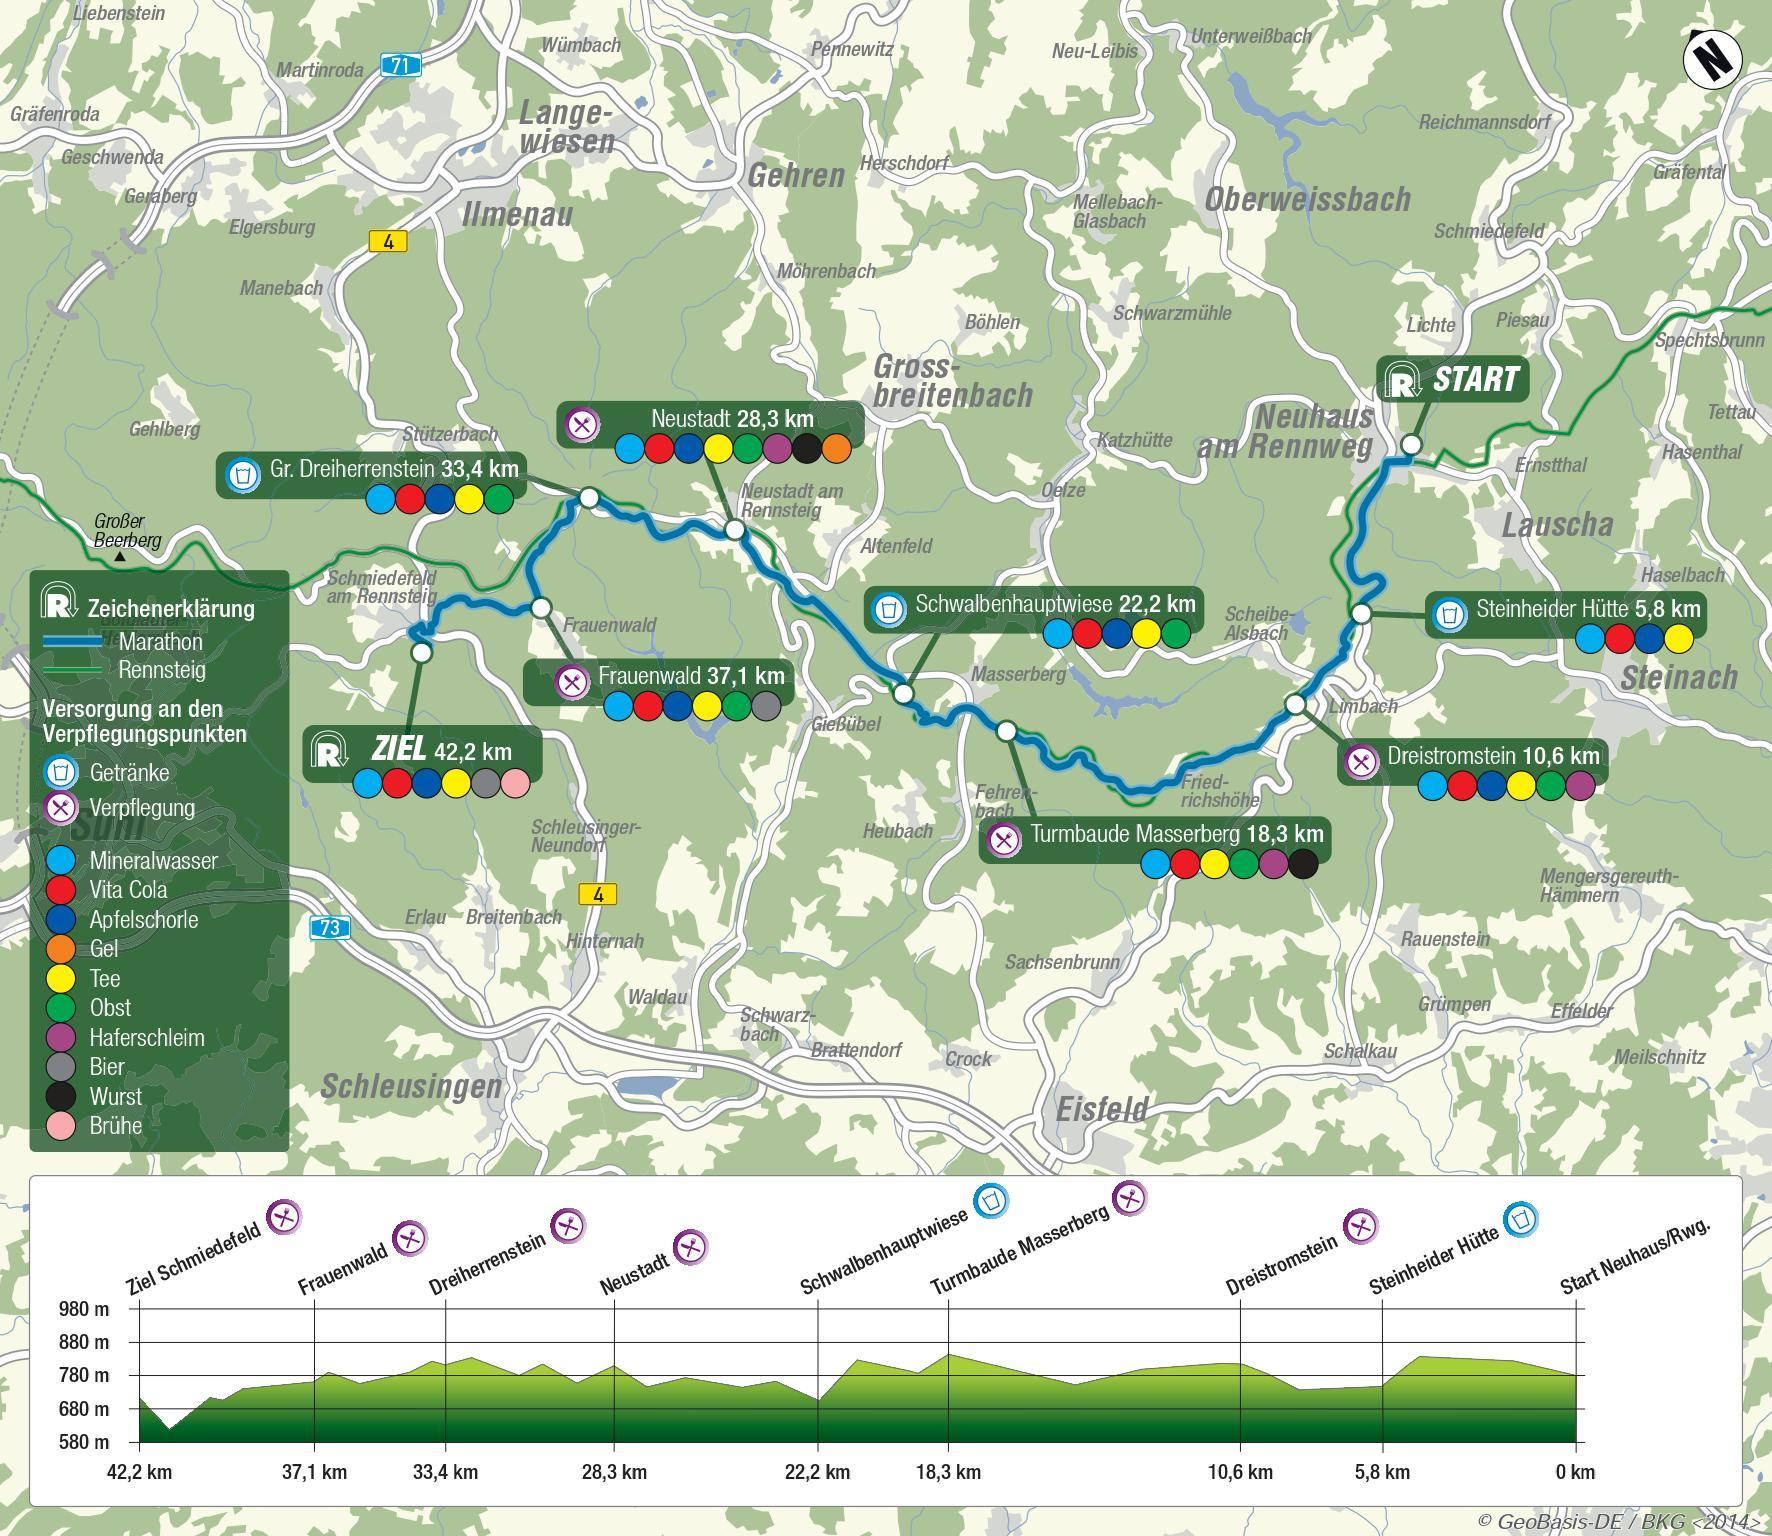 Bild: Streckenkarte Marathon